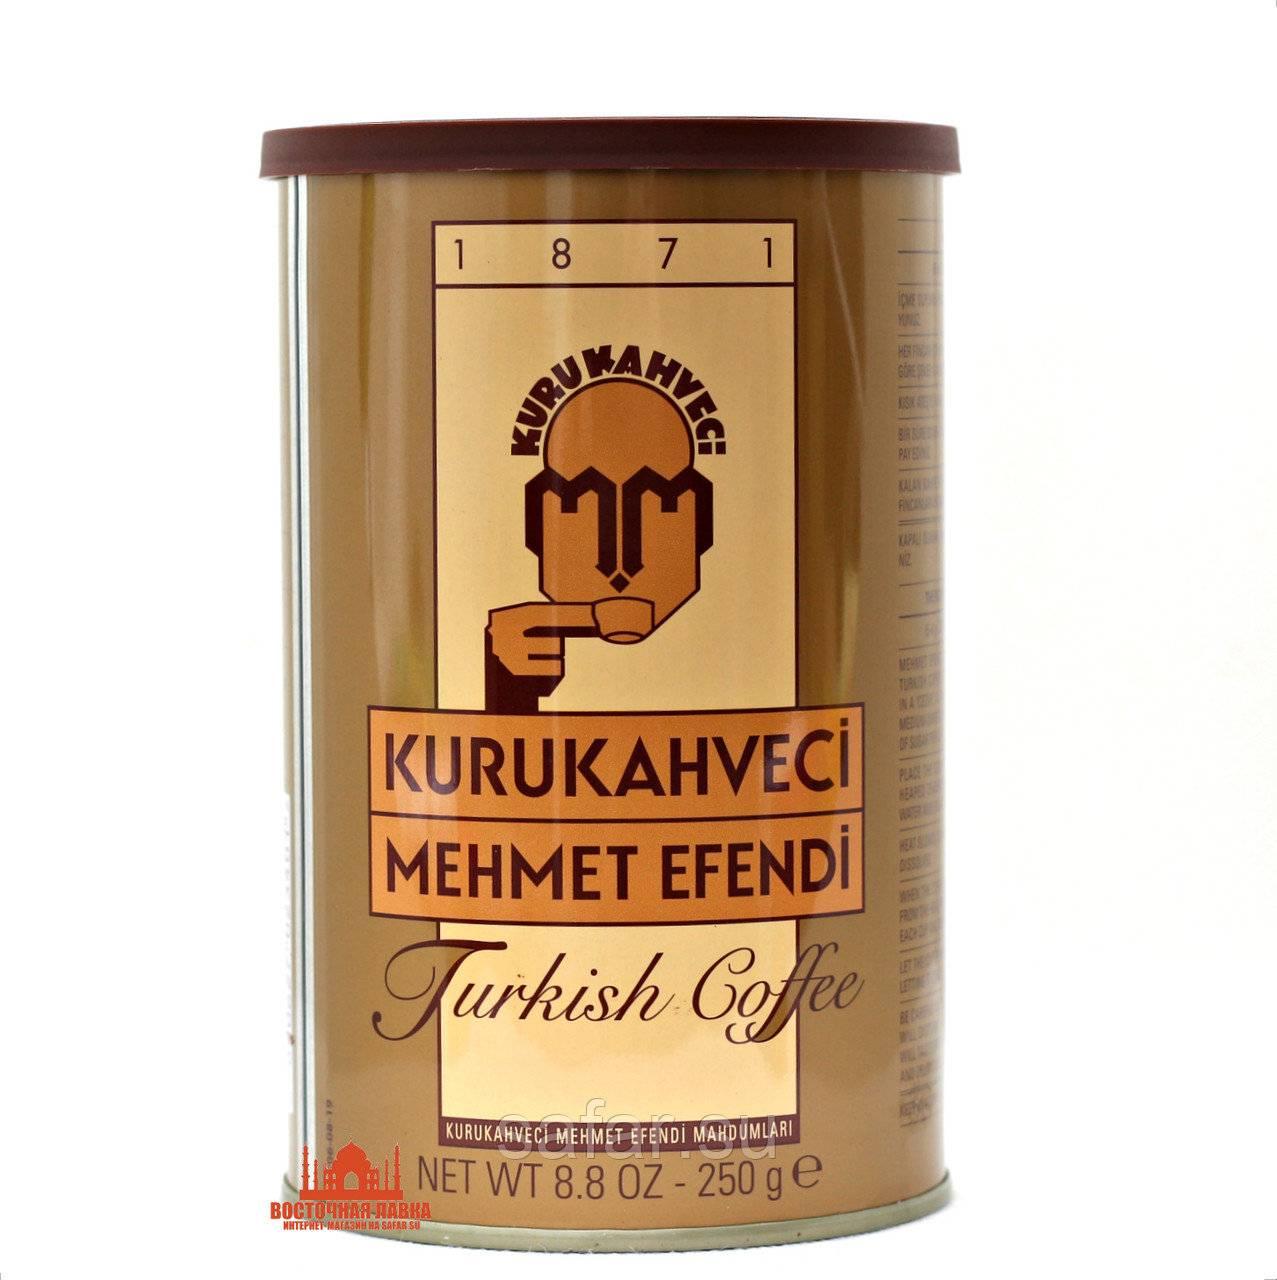 Лучший кофе турции: kurukahveci mehmet efendi в стамбуле